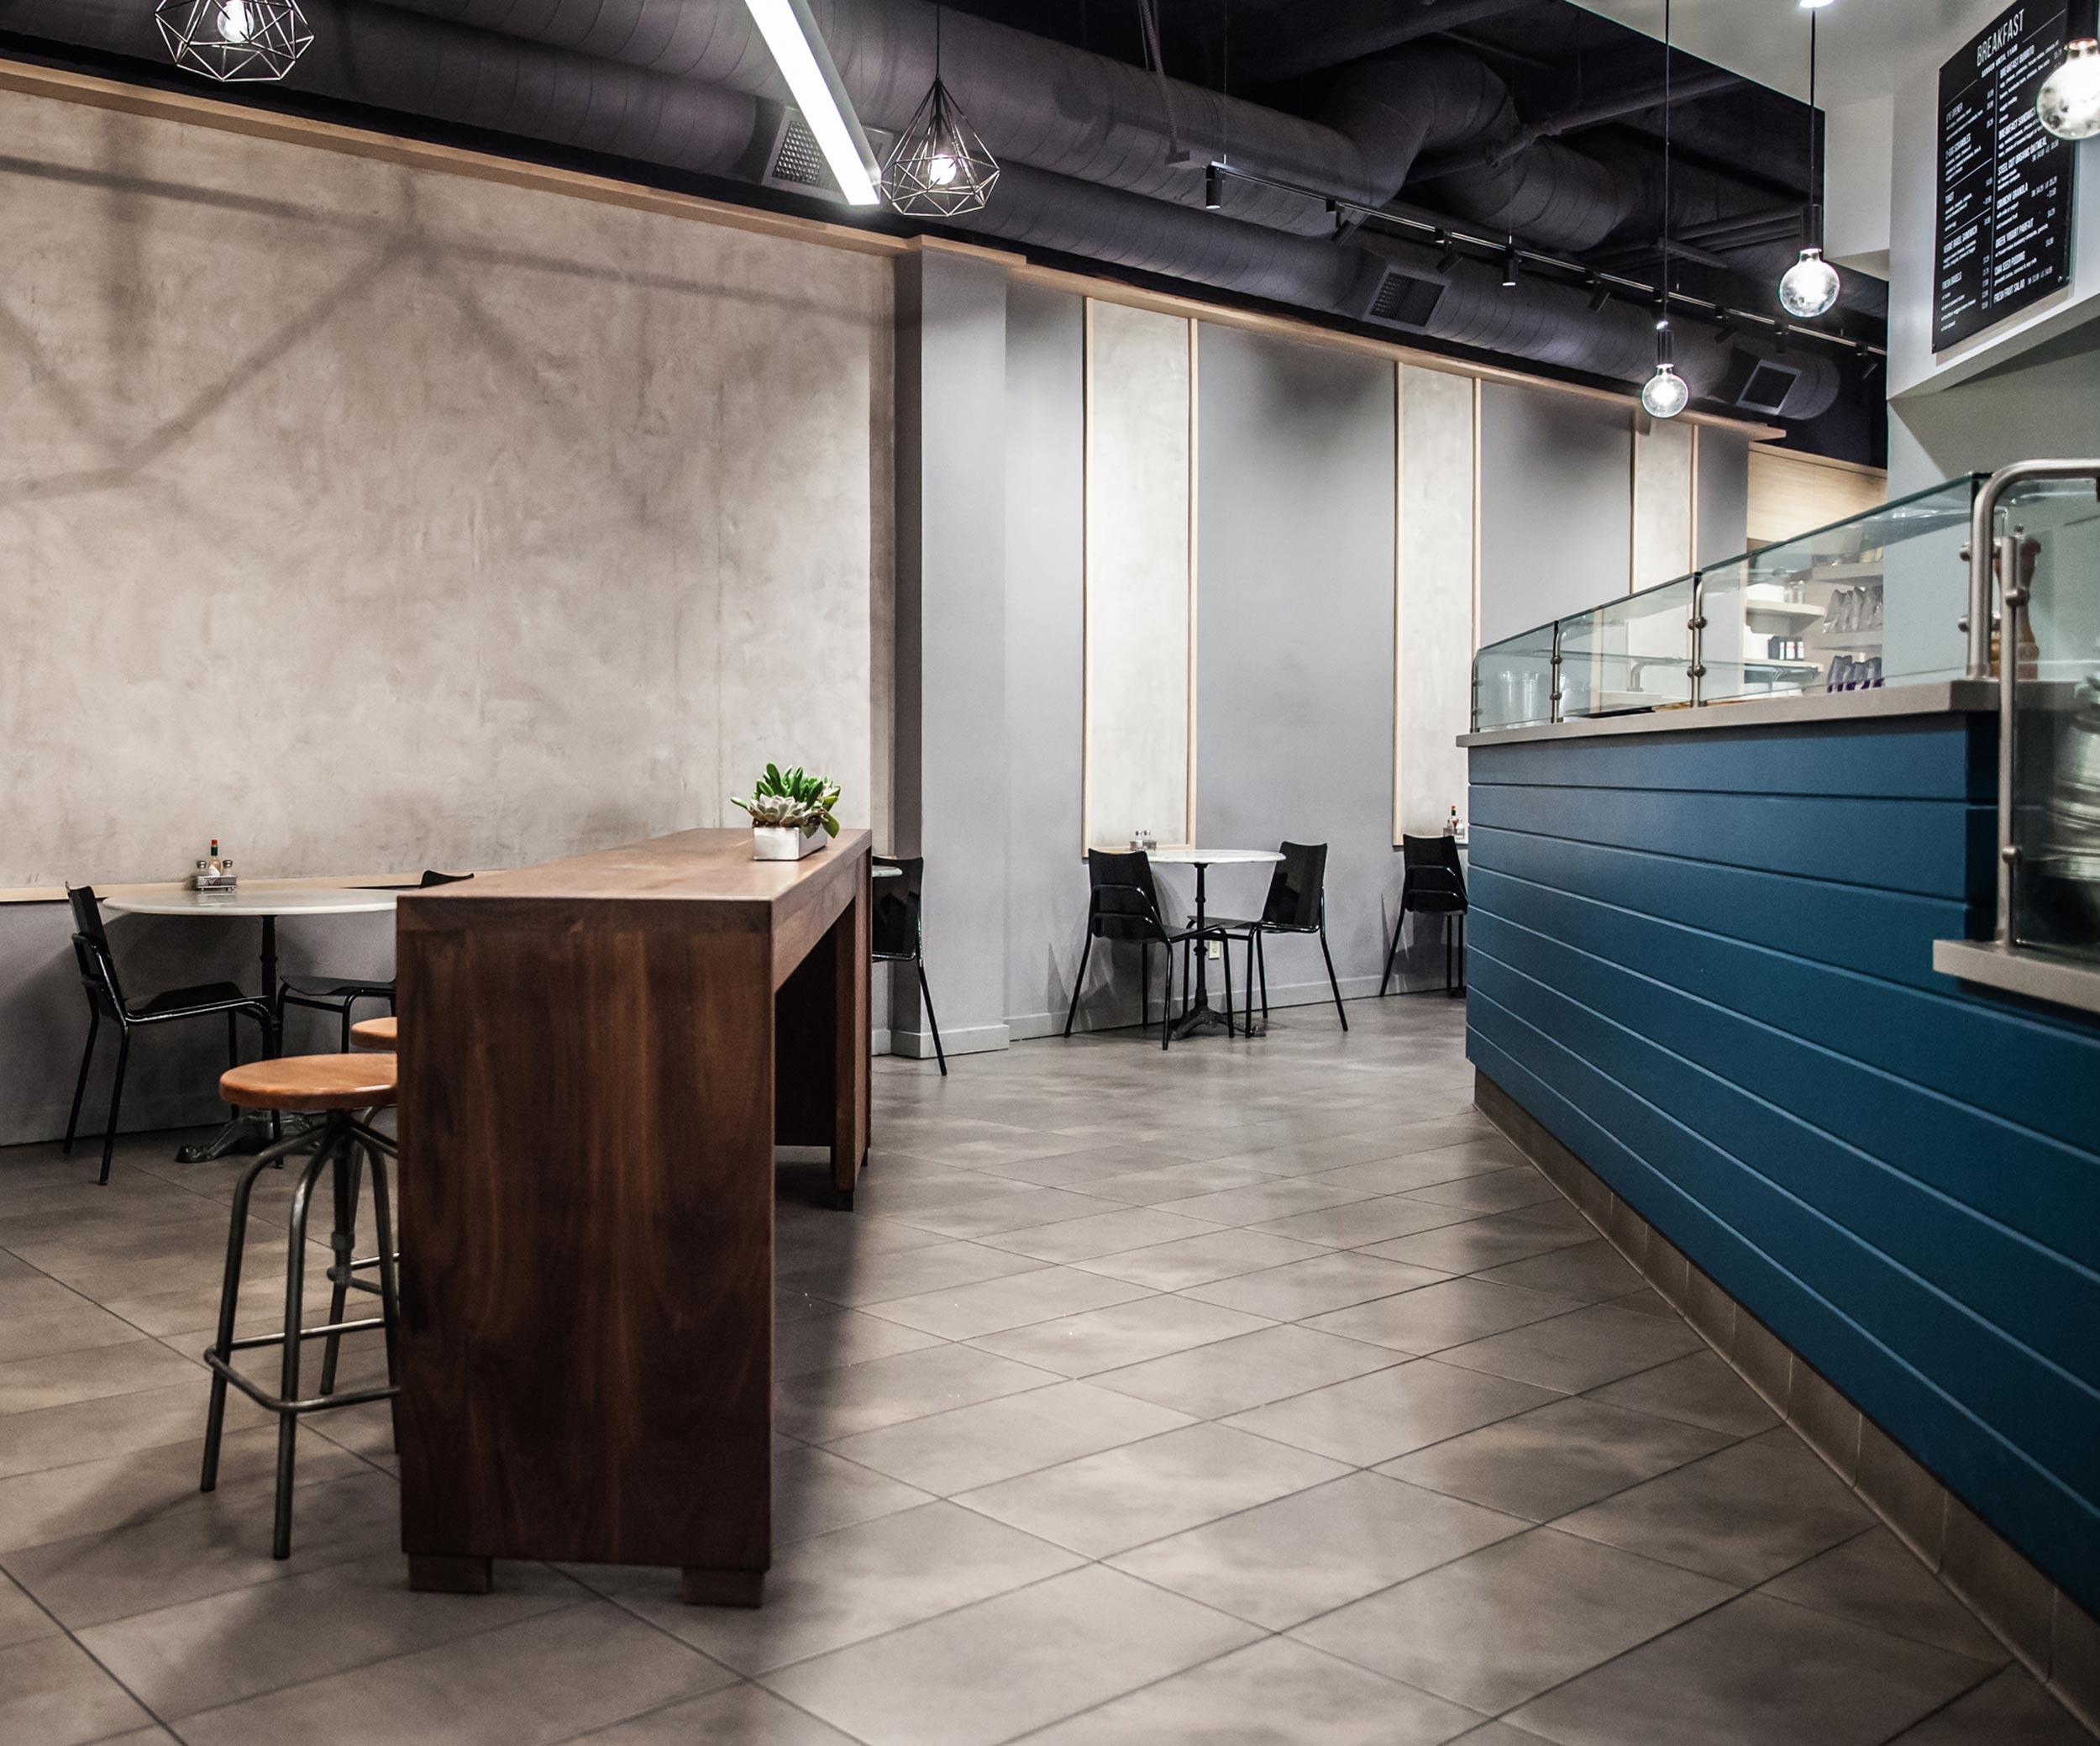 Image-of-Cafe-Venue-Queue.jpg